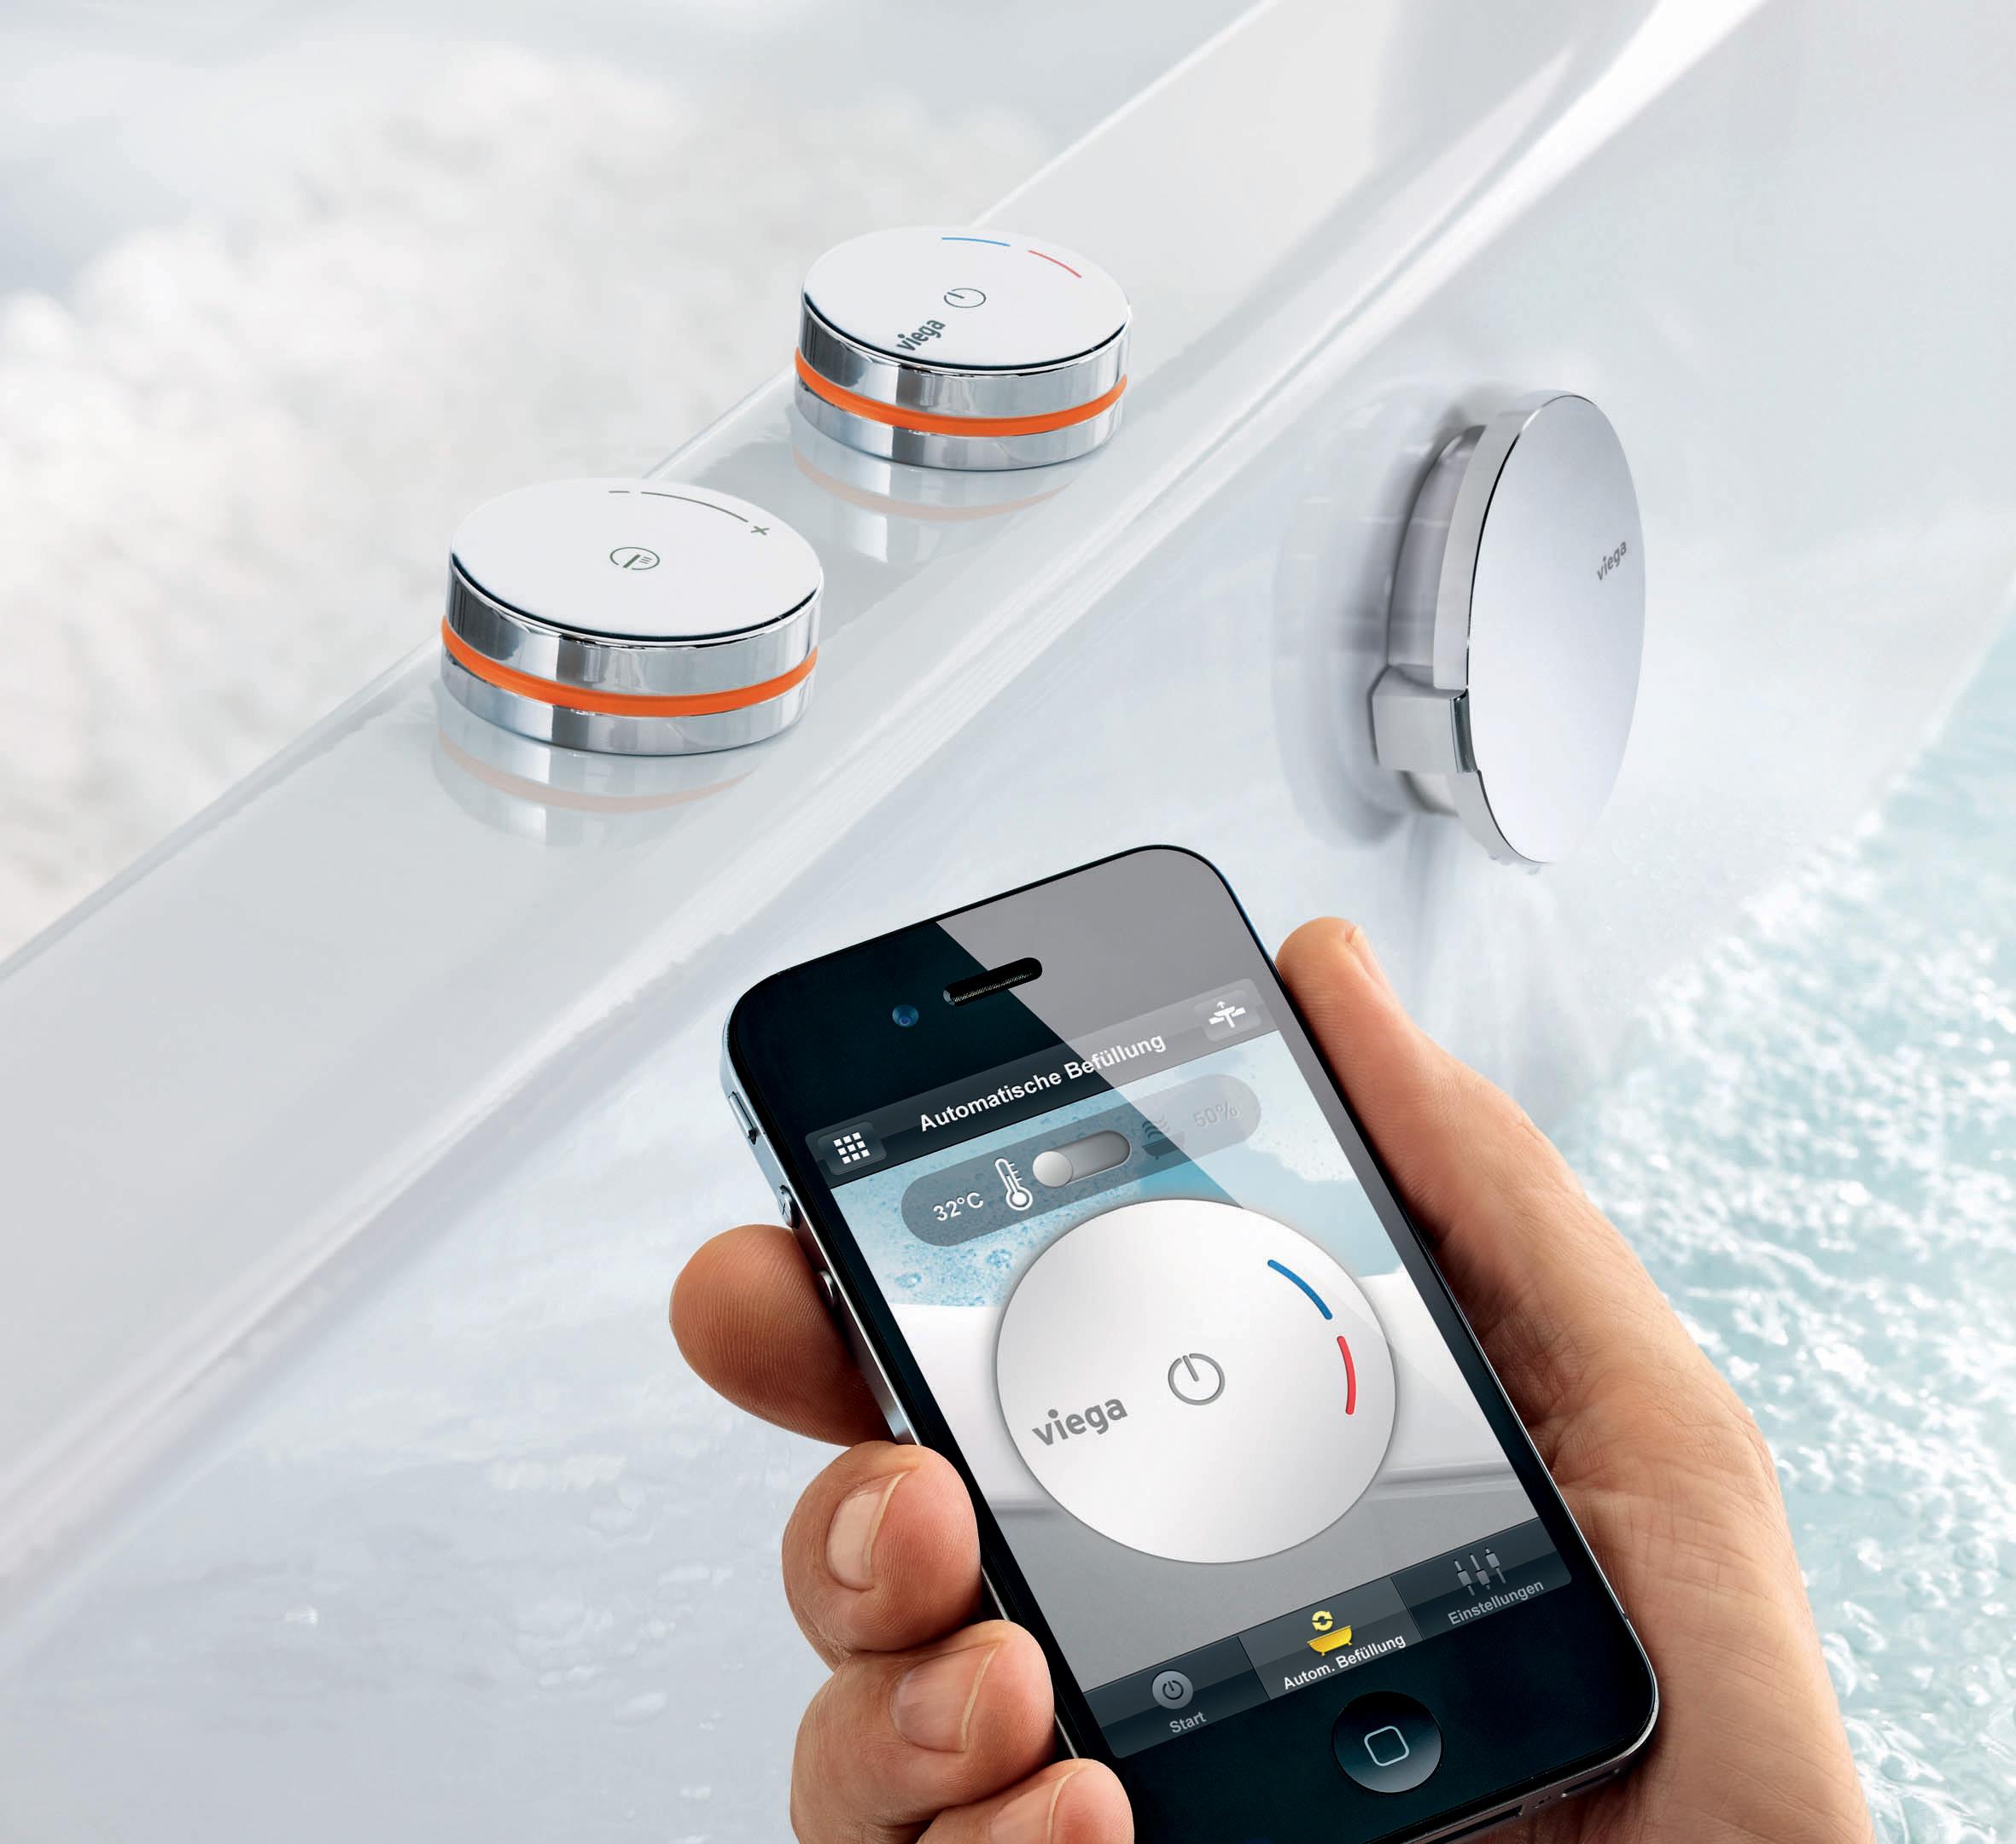 Toonzaal Badkamer Te Koop ~   voor smartphone  Nieuws Startpagina voor badkamer idee?n  UW